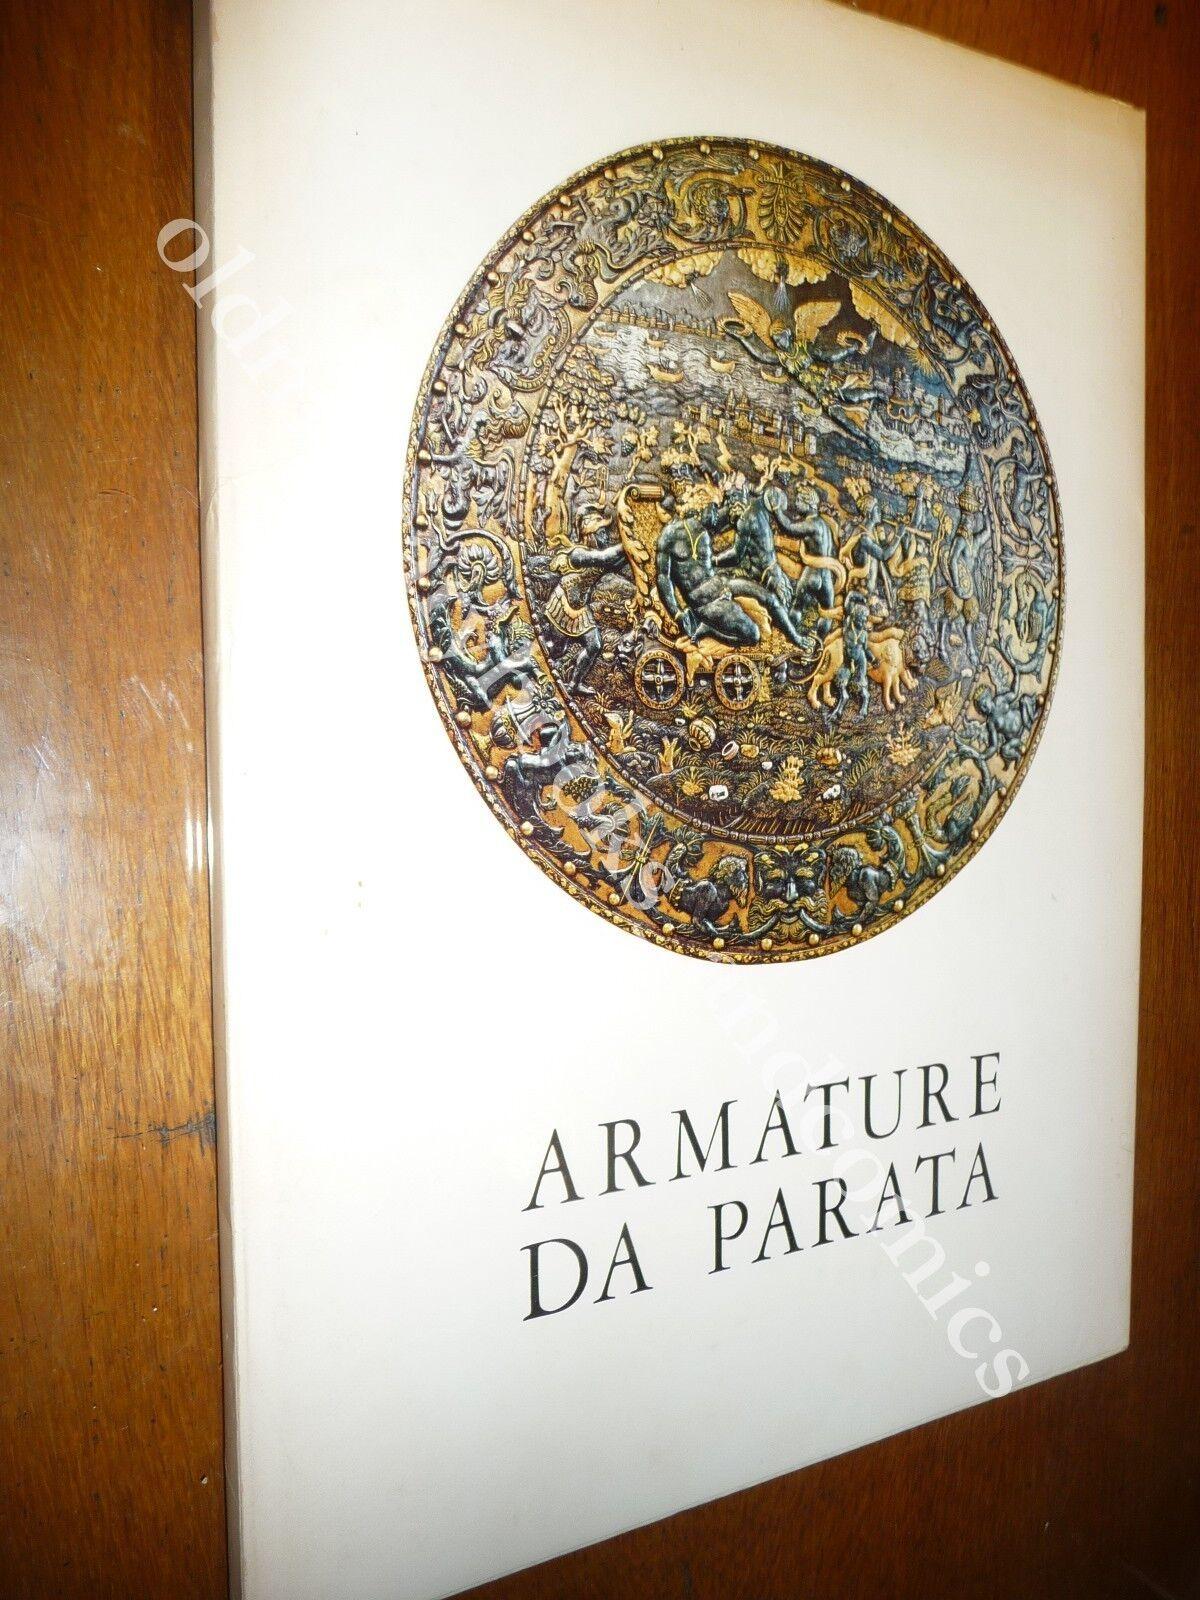 ARMATURE DA PARATA ARTE DELL'INCISIONE NELLE ARMATURE VERE OPERE D'ARTE bellissimo